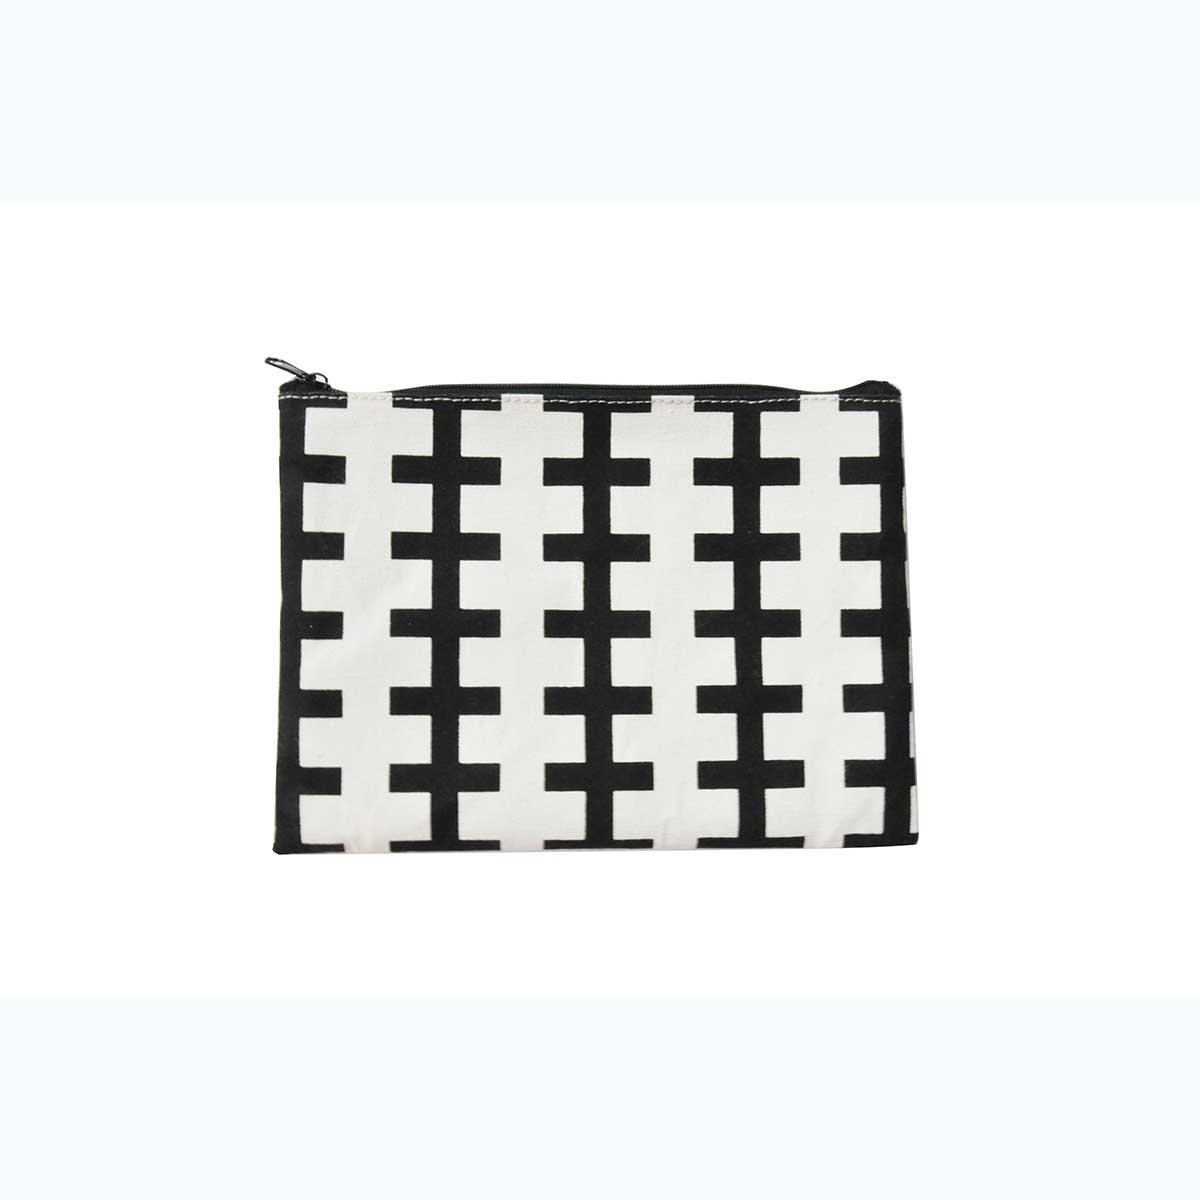 Trousse à motifs géométriques (BLANC NOIR)